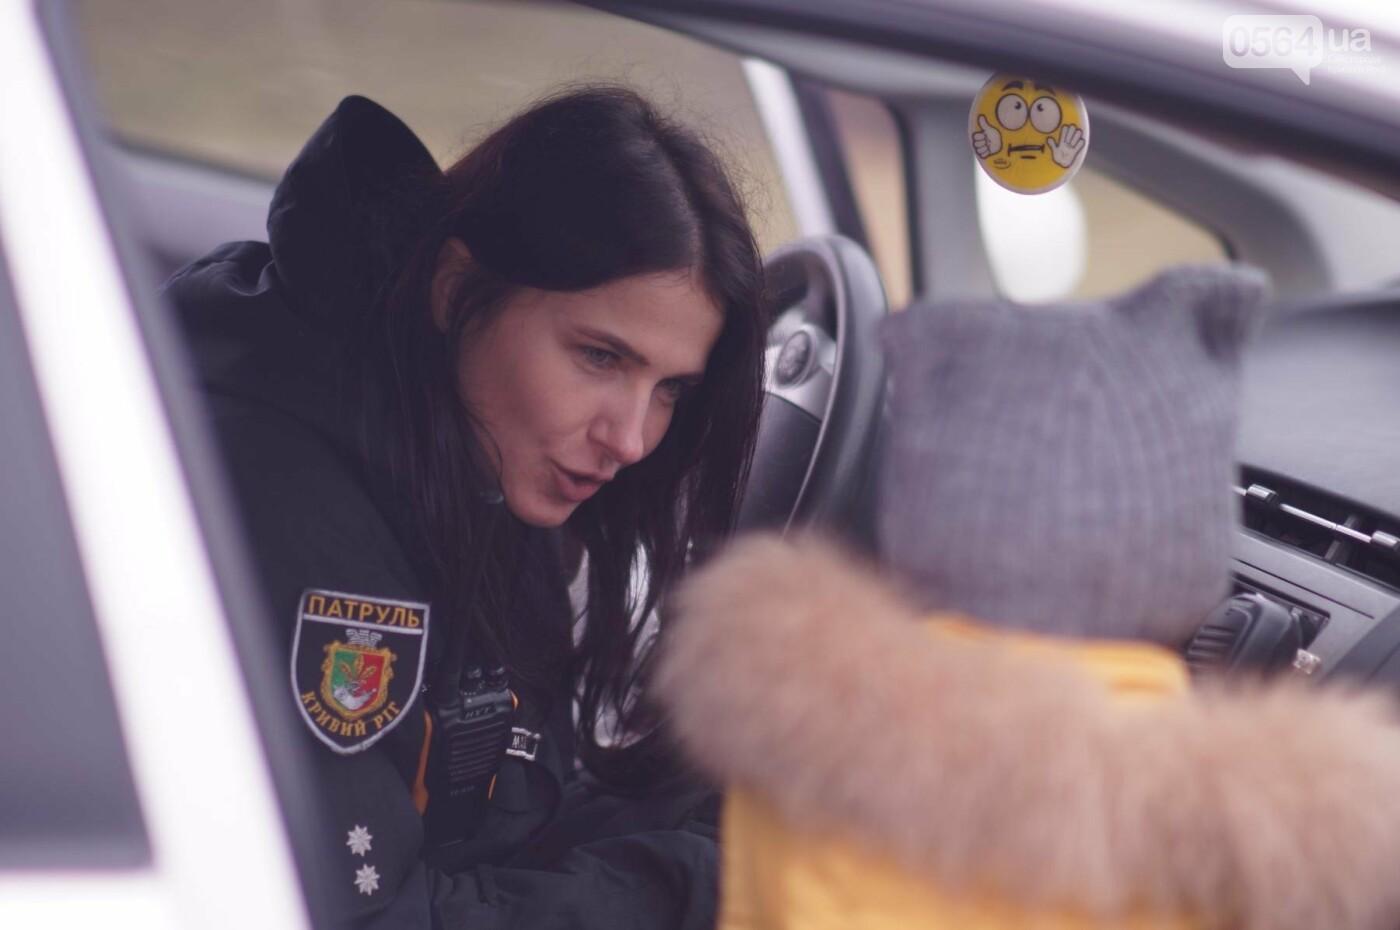 Встреча криворожских полицейских с детьми закончилась преждевременно (ФОТО), фото-19